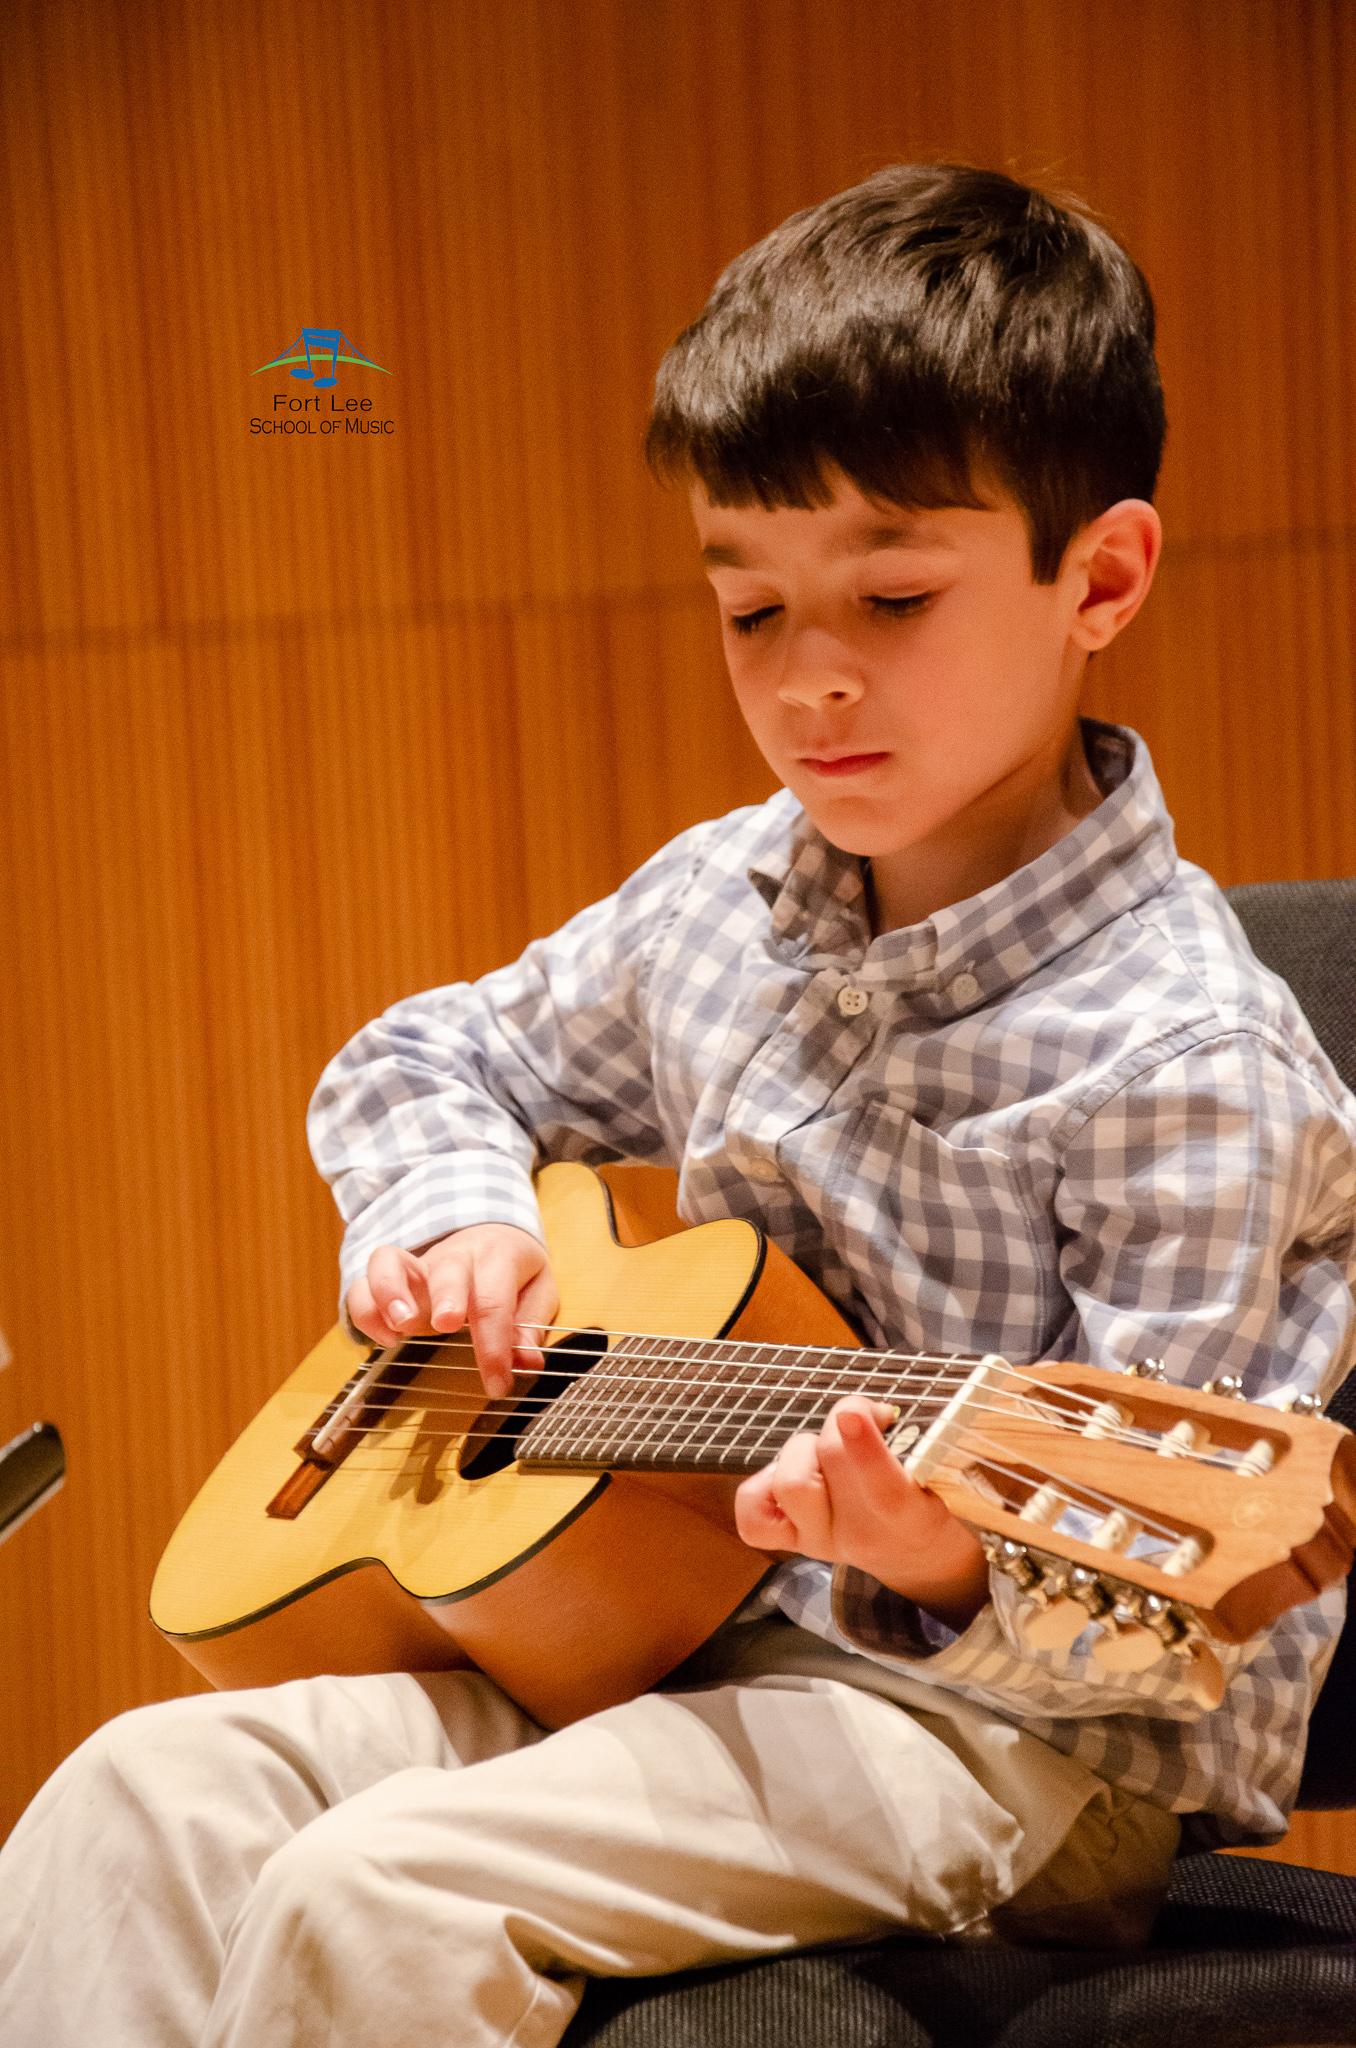 guitar-lessons-for-kids-near-me.jpg